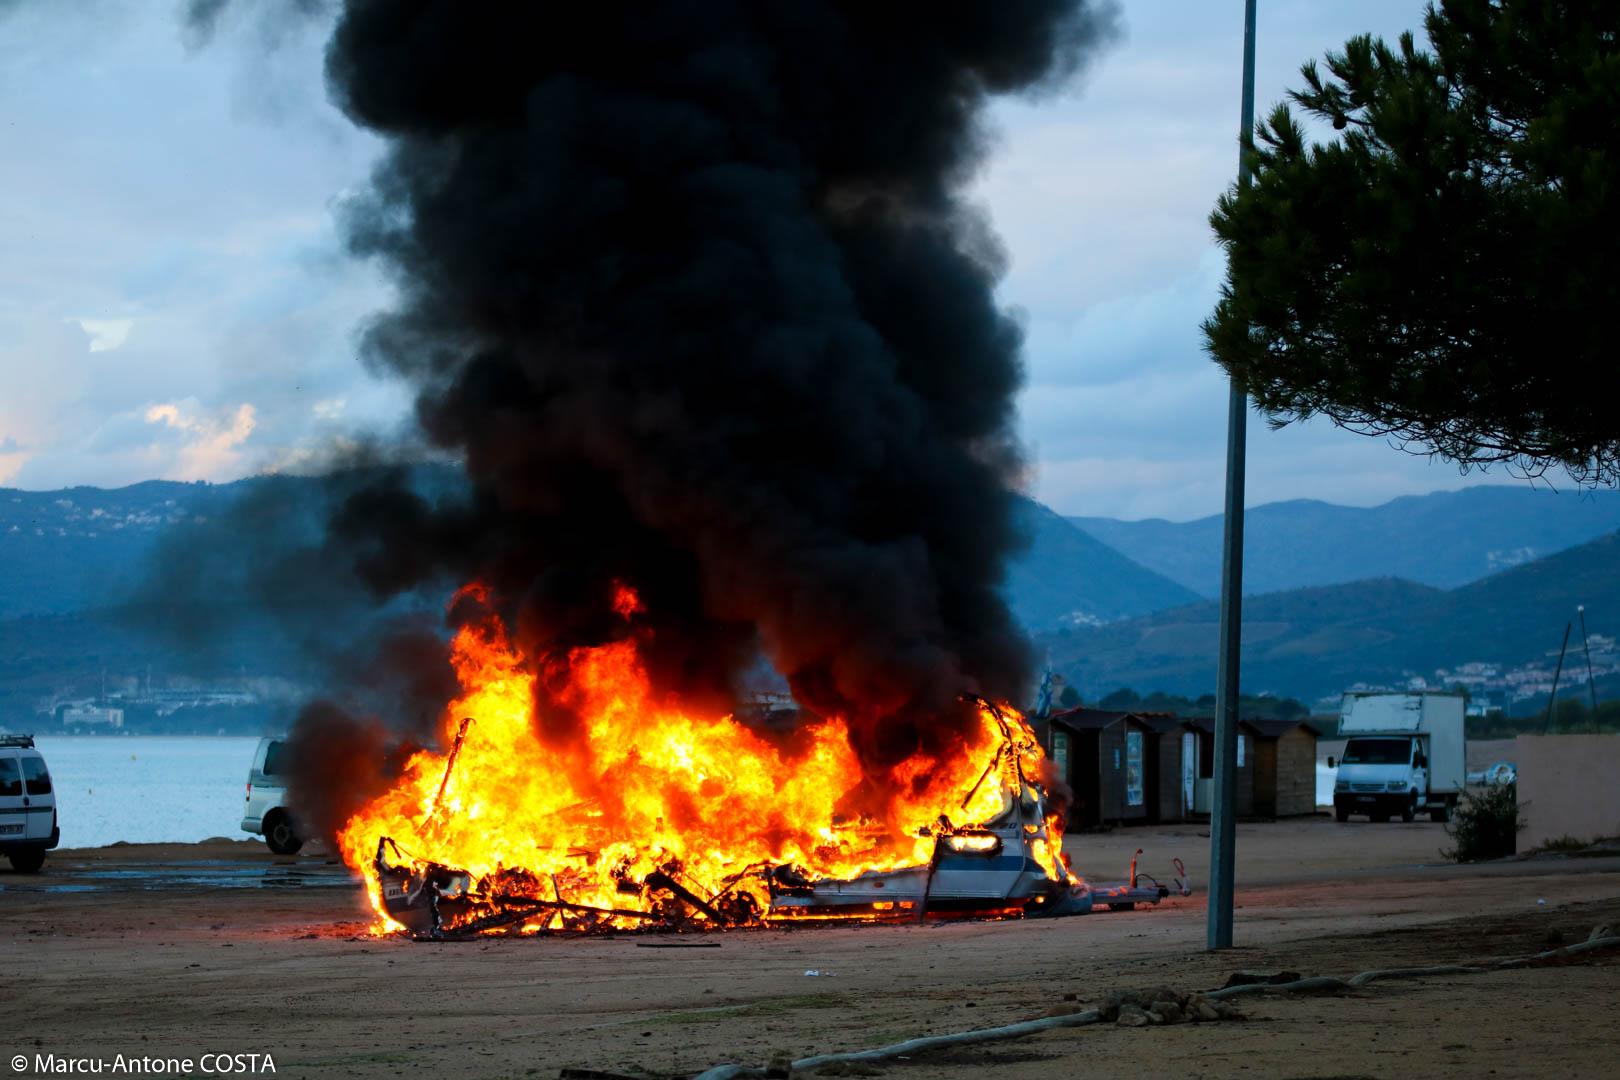 Porticcio : Une caravane totalement détruite par un incendie